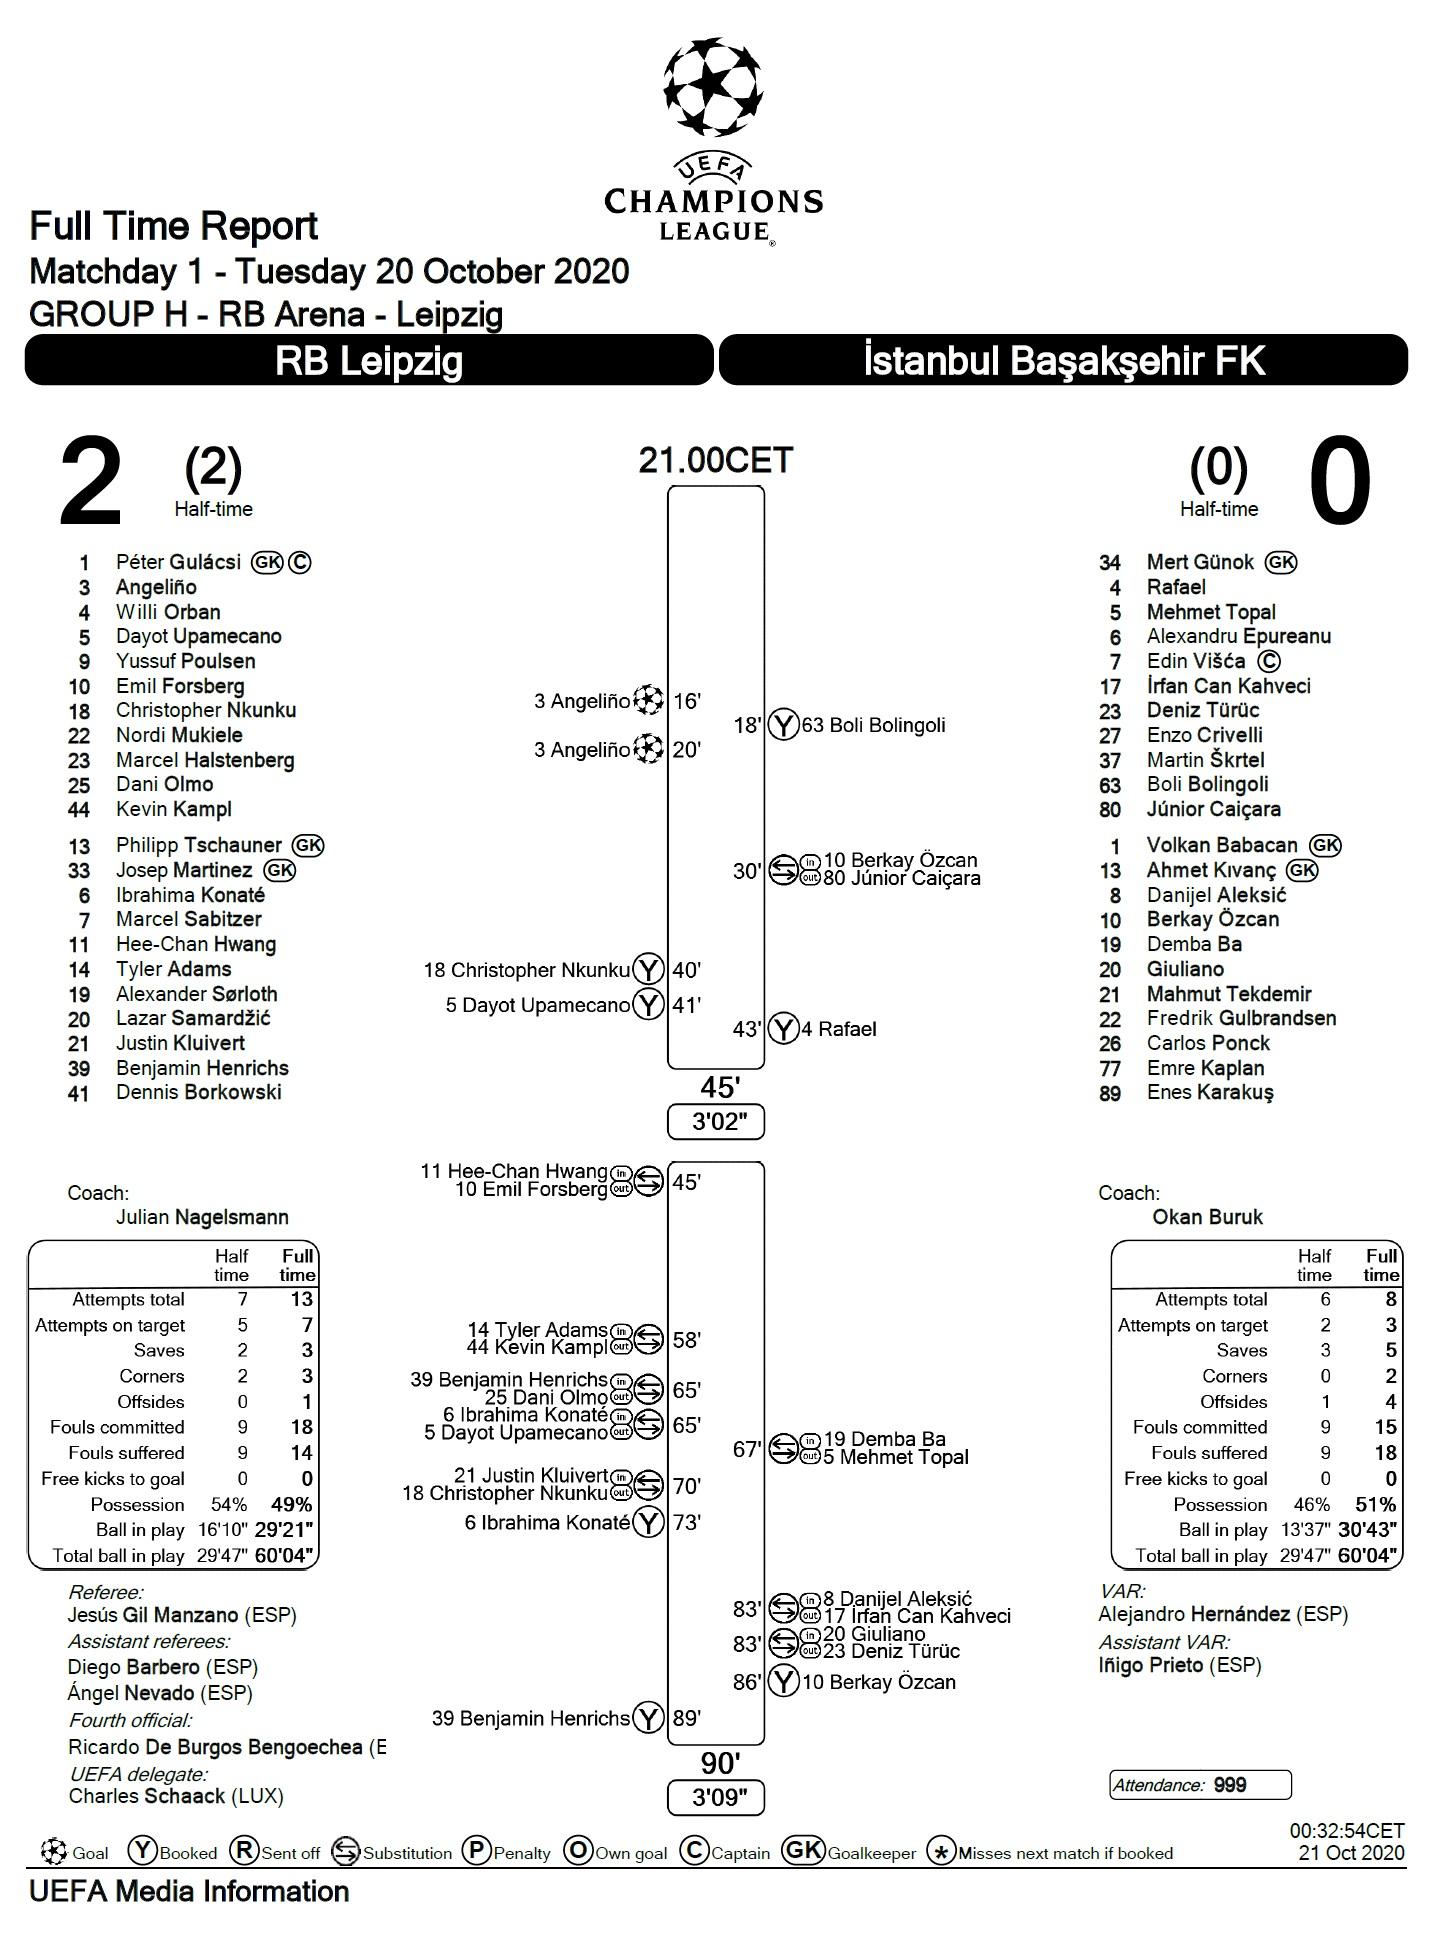 РБ Лейпциг (Германия) - Истанбул Башакшехир (Турция) 2:0